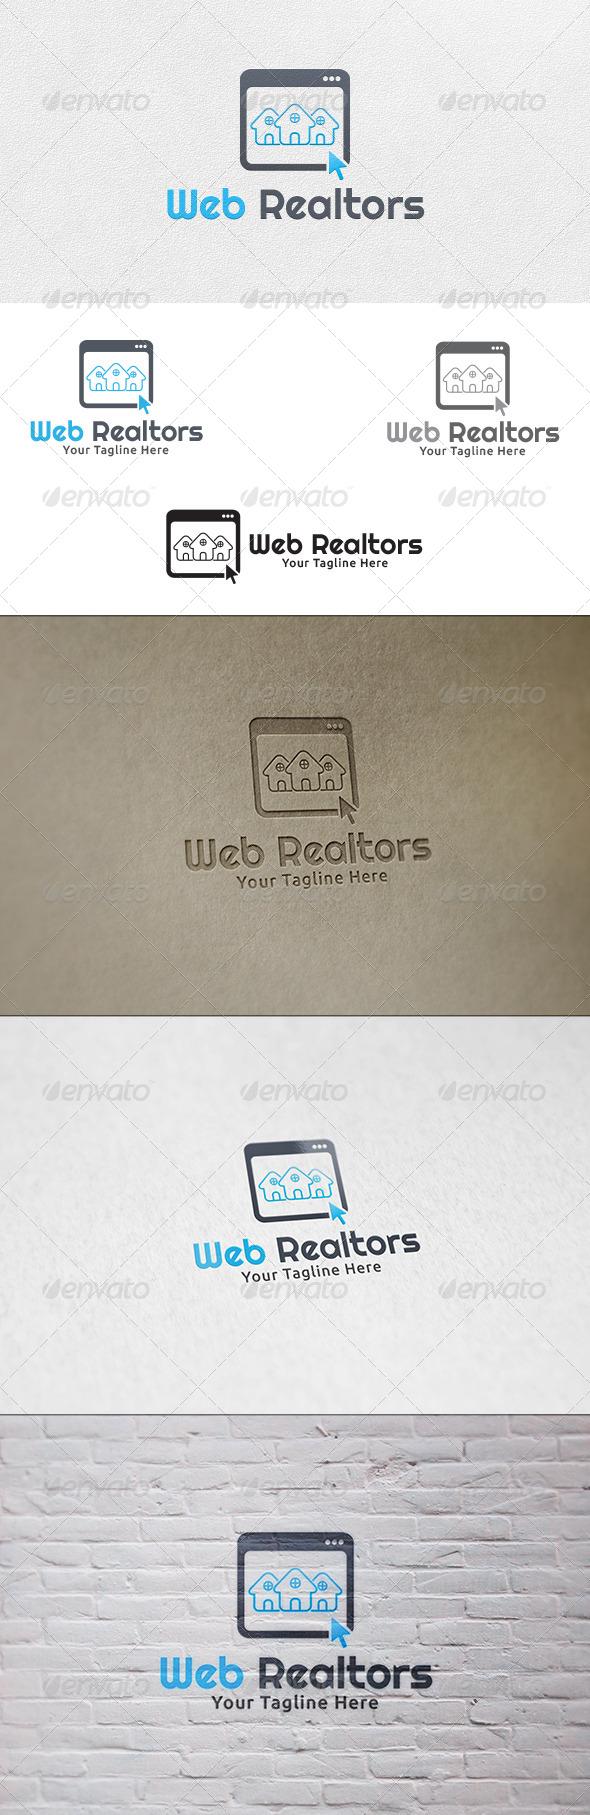 GraphicRiver Web Realtors Logo Template 6740938